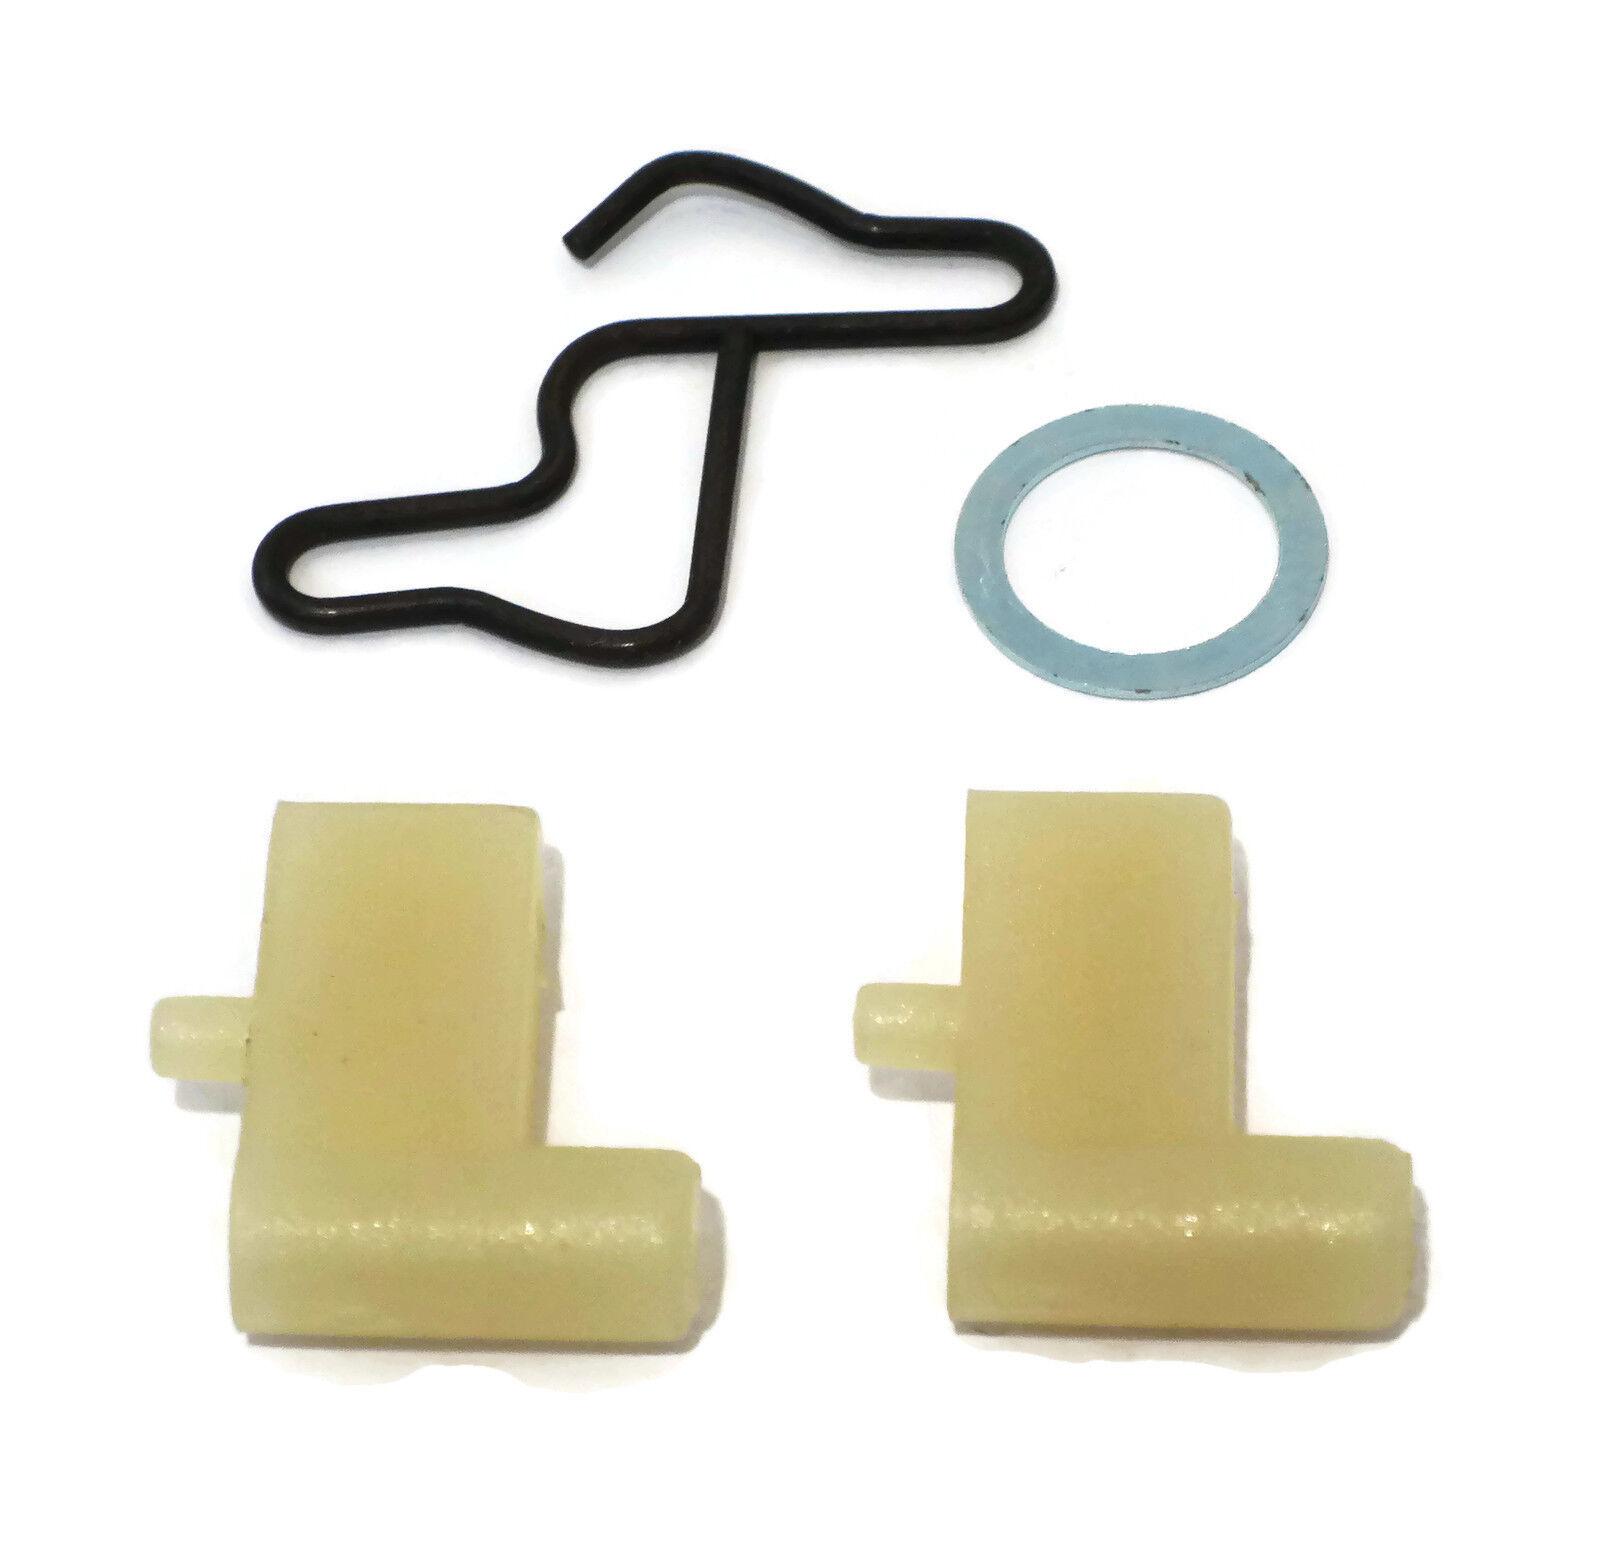 Starter Pawl Kit for Stihl MS280 MS290 MS291 MS310 MS311 MS360 MS390 MS440 MS460